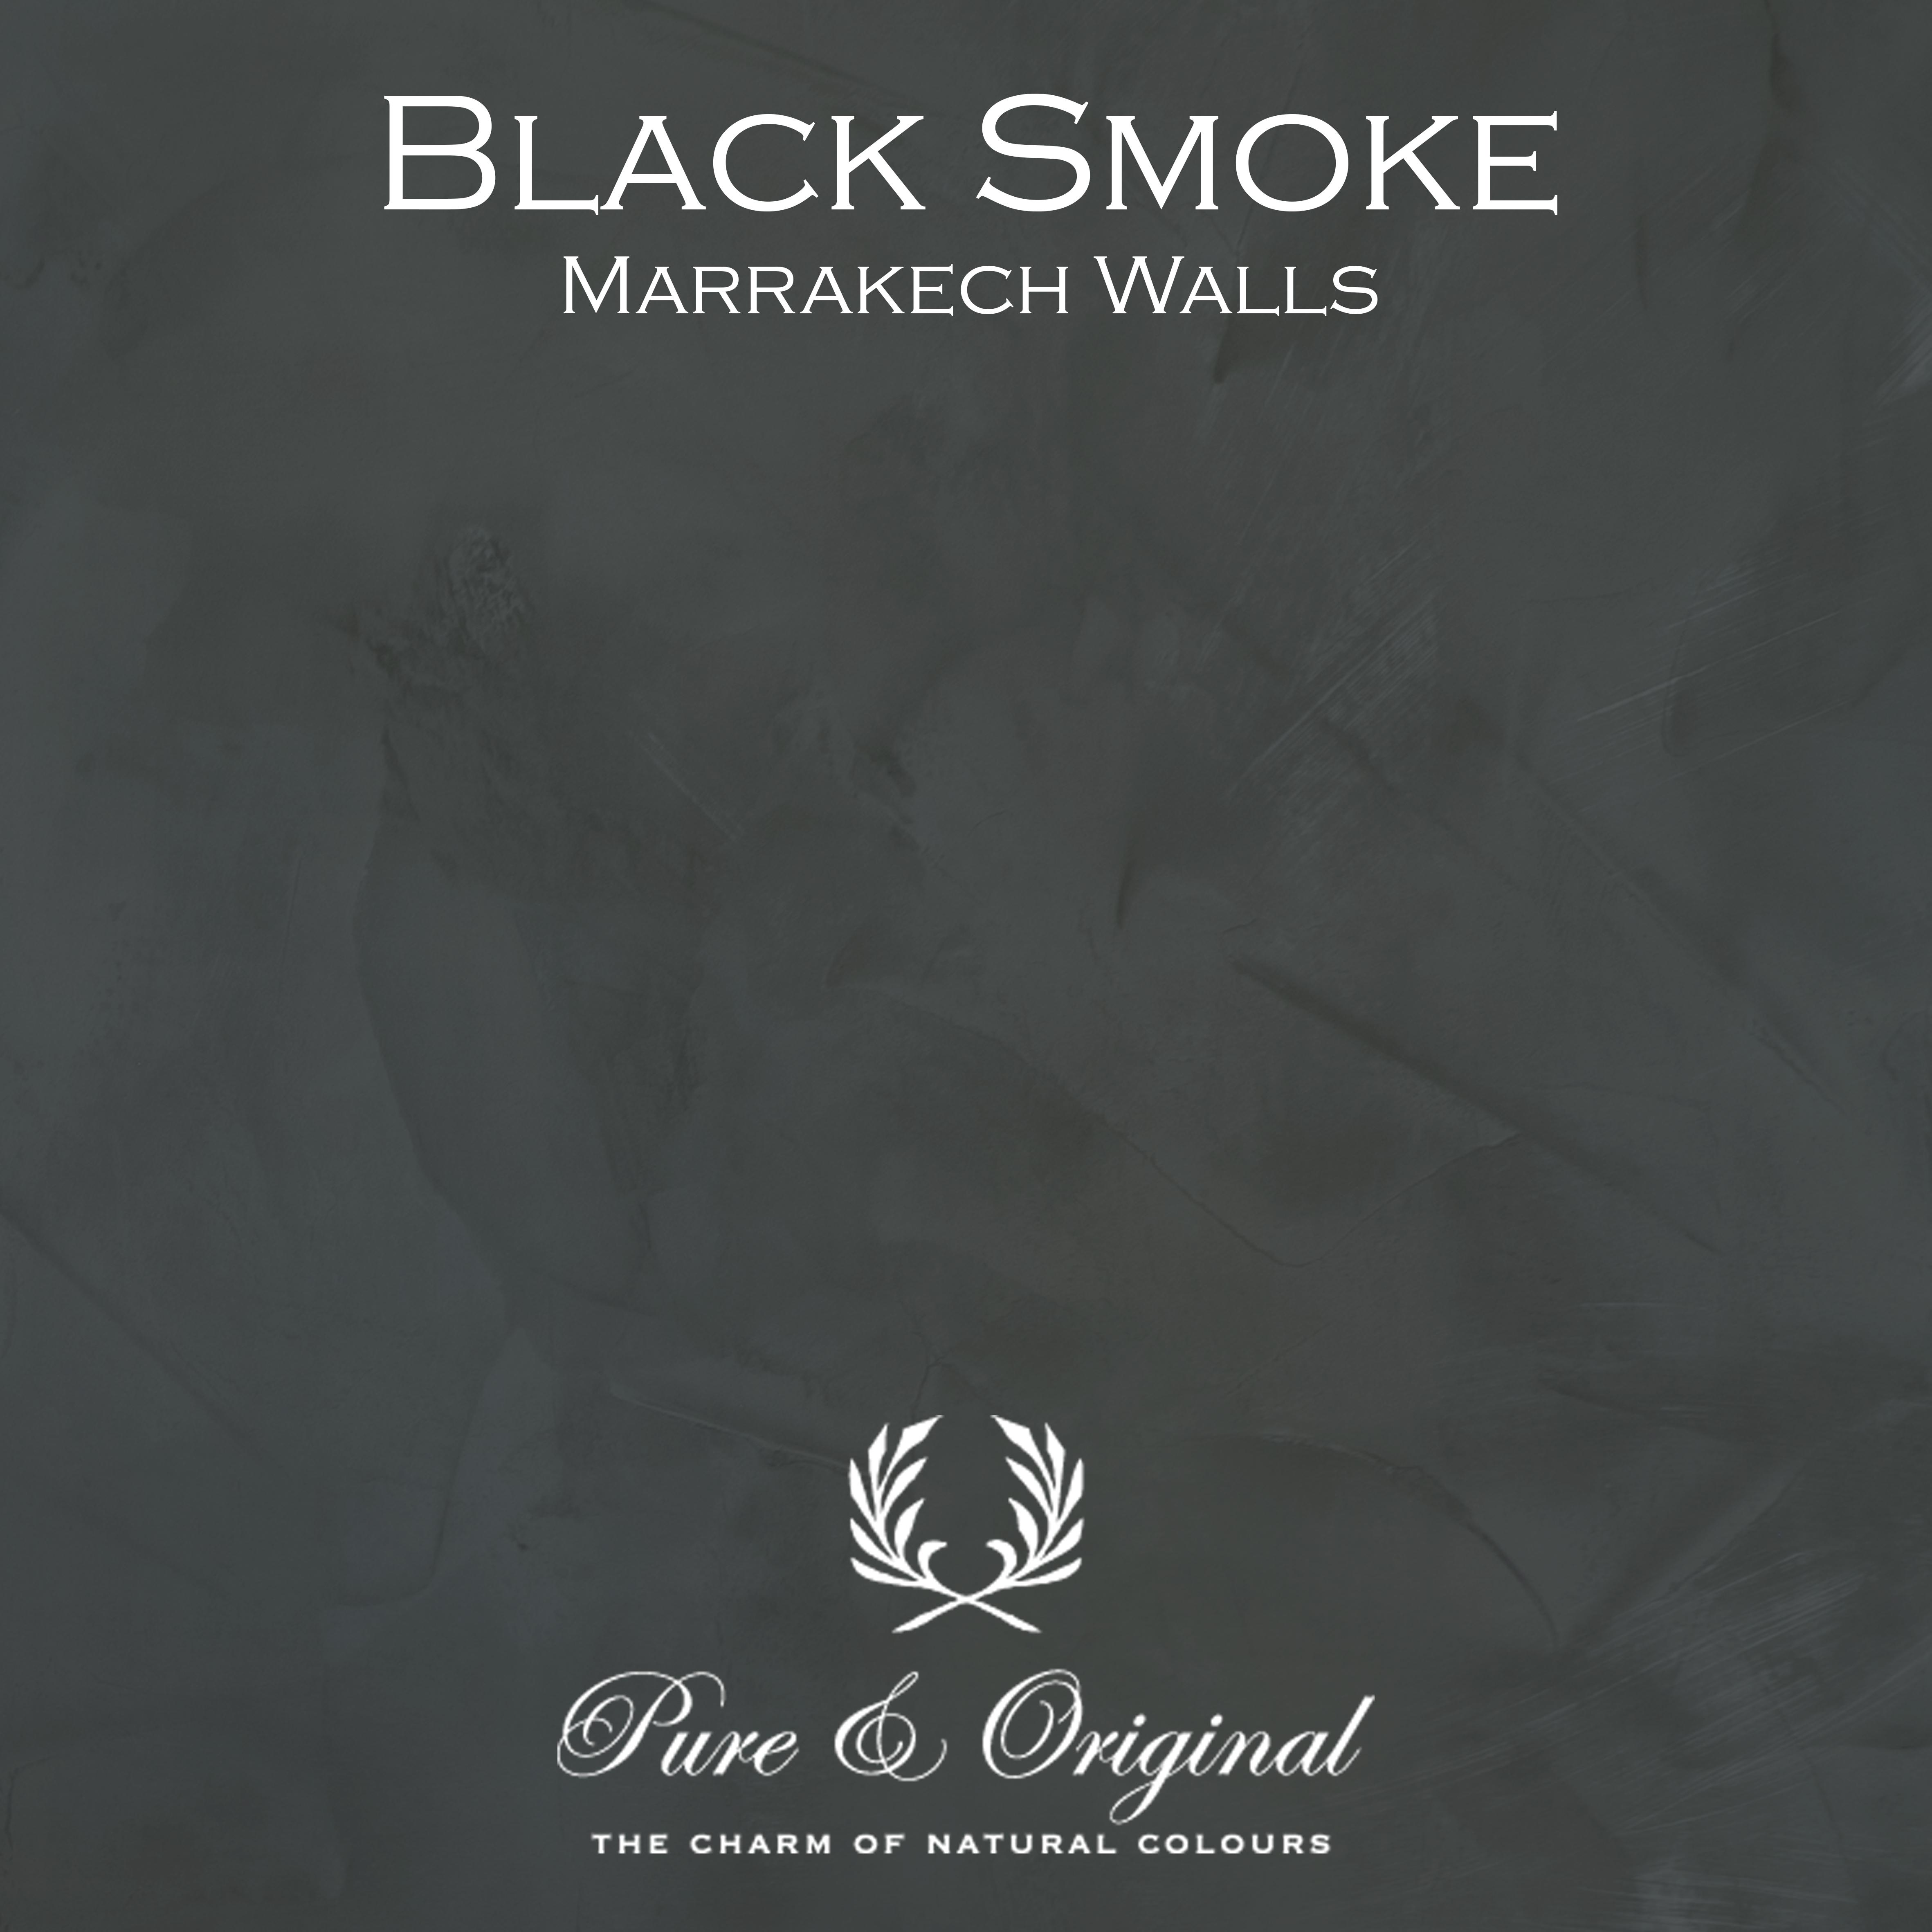 Kulör Black Smoke, Marrakech Walls kalkfärg